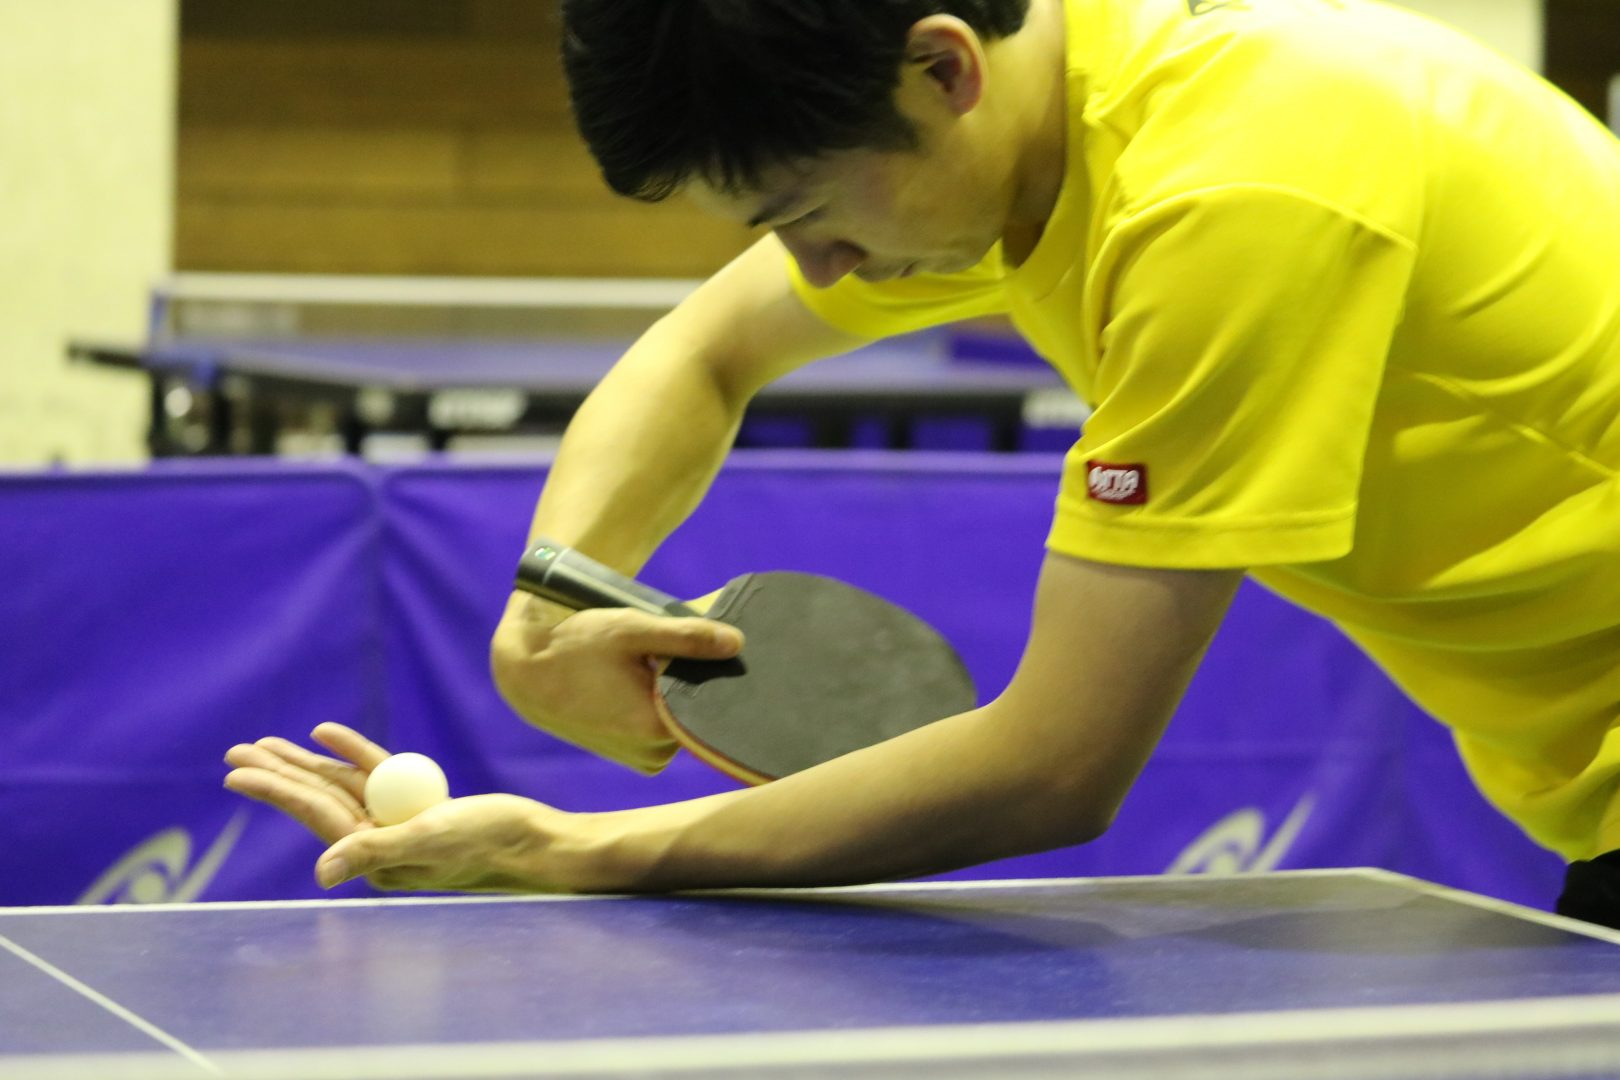 【初心者必見】YGサーブの出し方とコツ 卓球基本技術レッスン